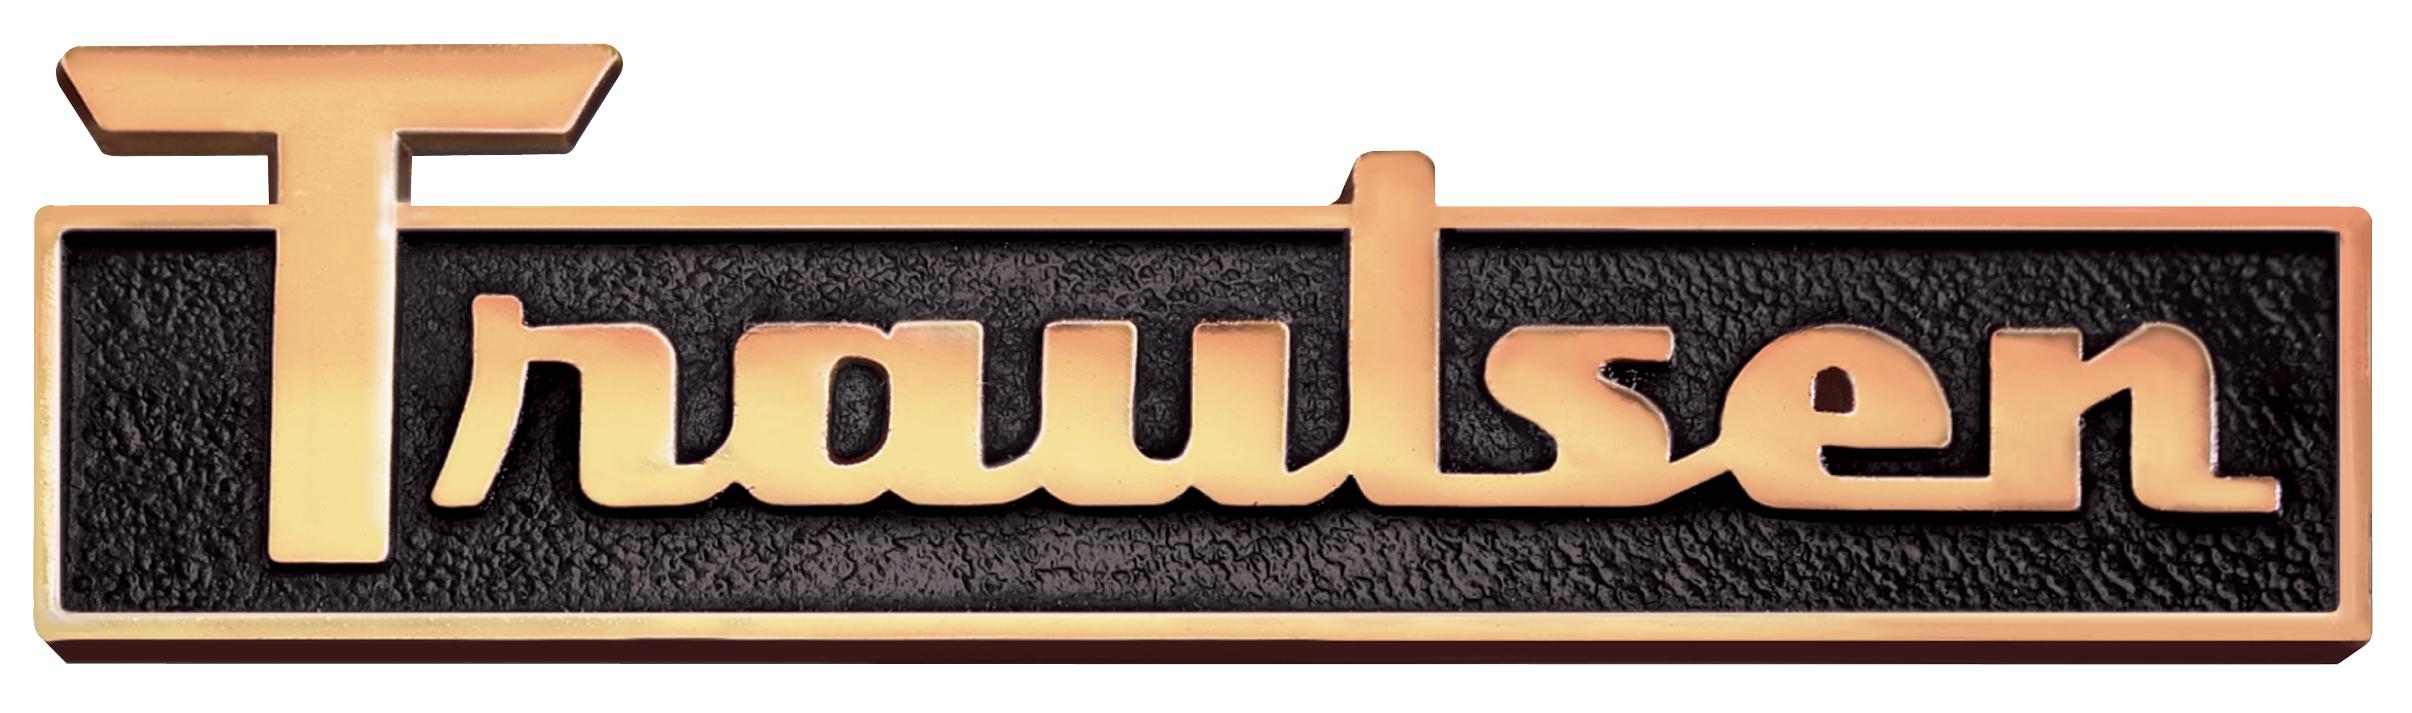 Traulsen-Logo-High-Res-large.jpg